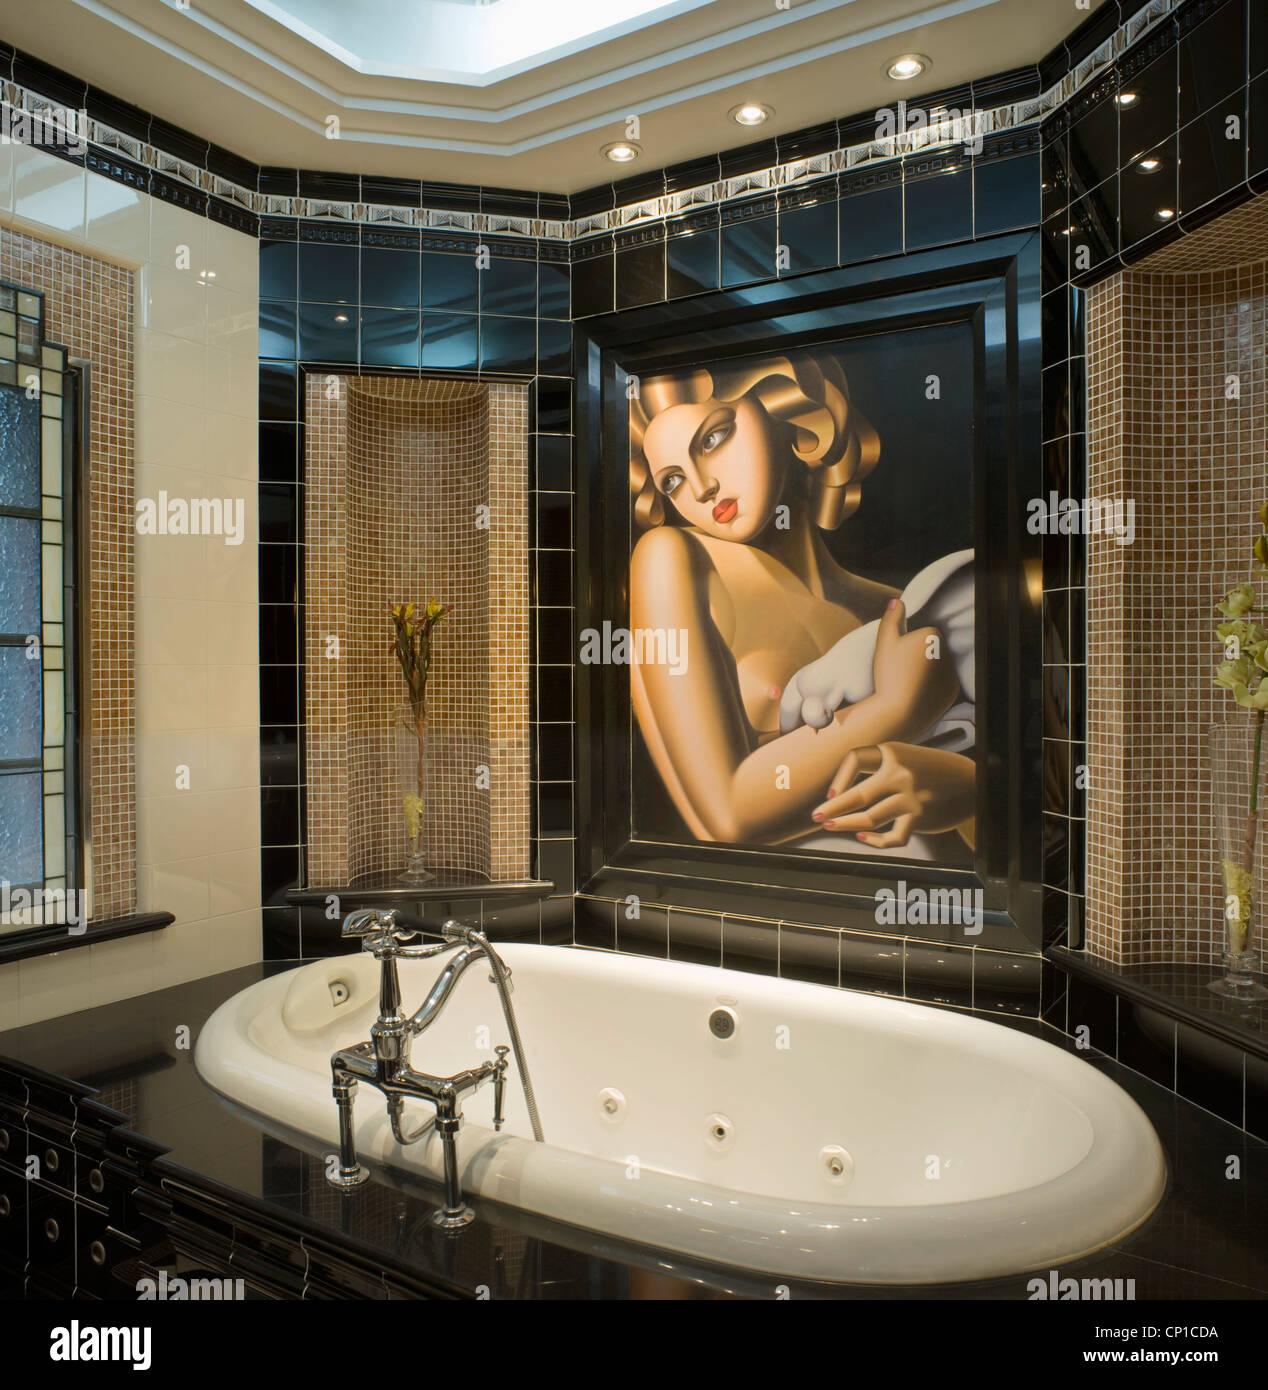 Salle de bains dans un style Art déco récemment restauré ...